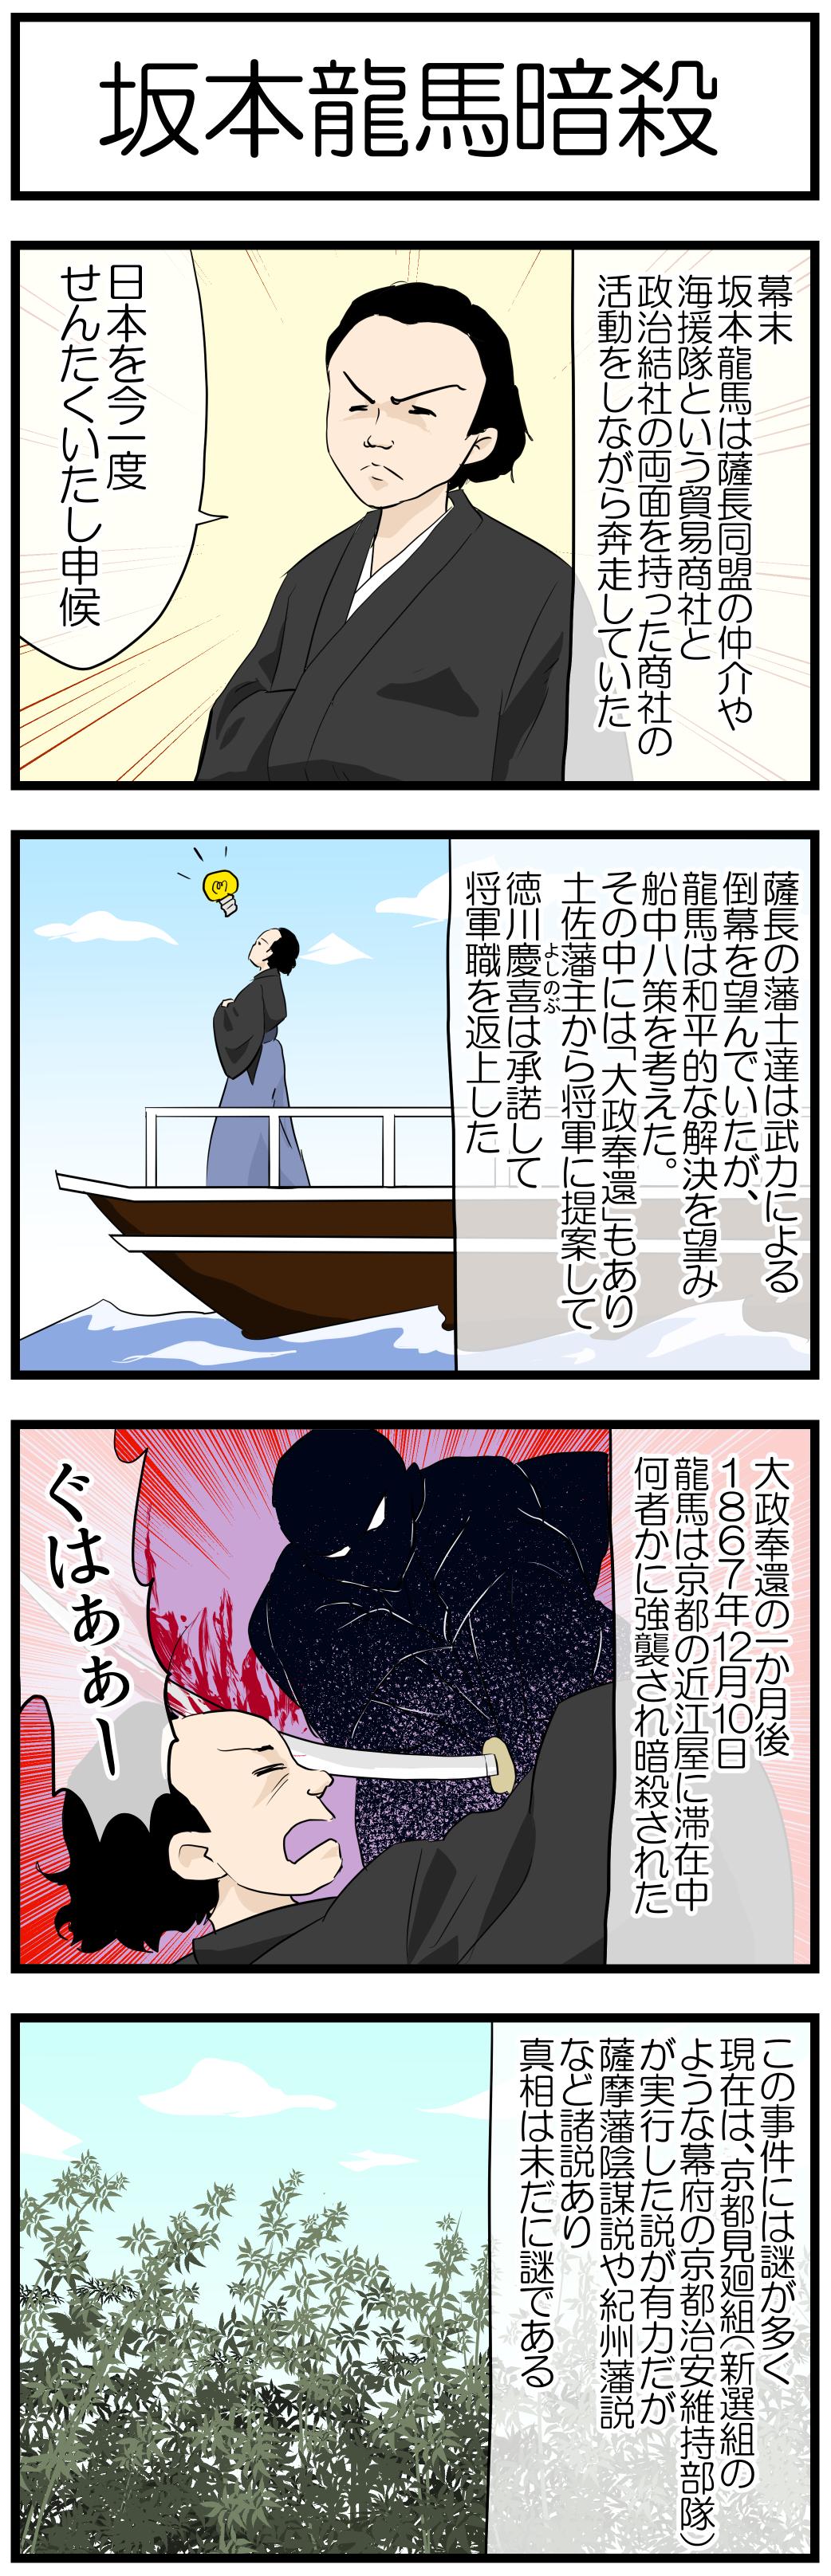 坂本龍馬暗殺